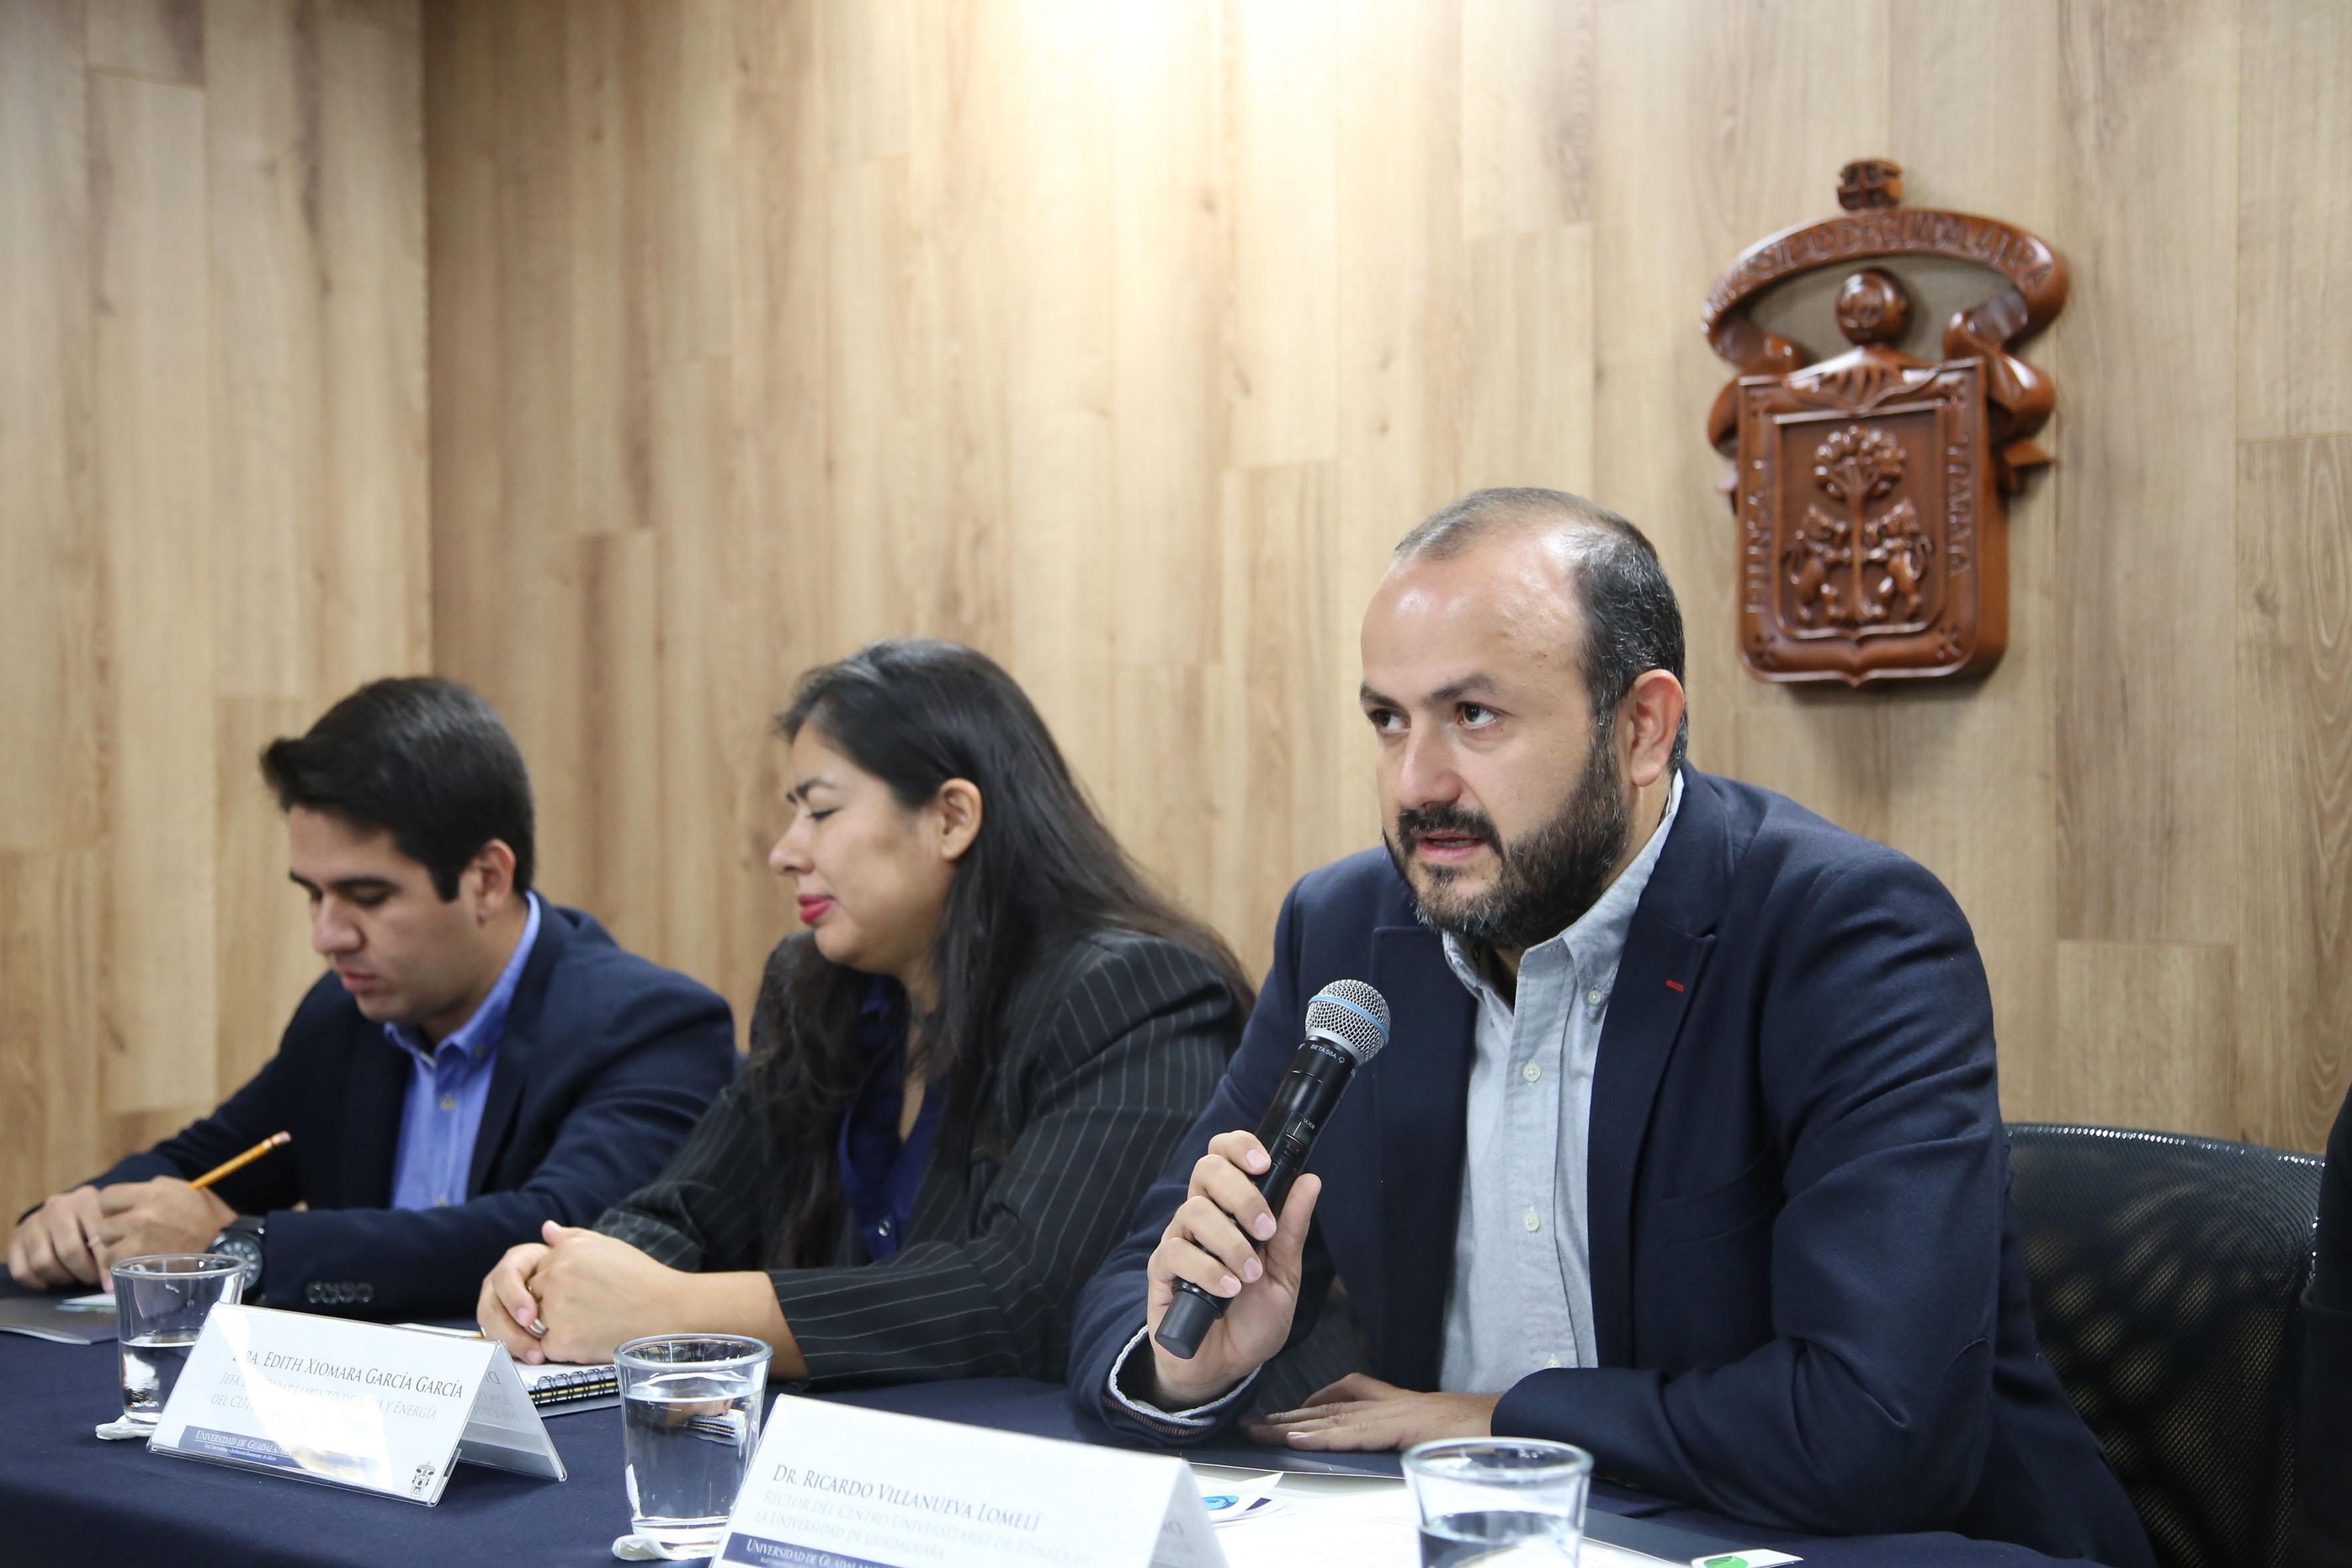 El Rector del CUTONALÁ, doctor Ricardo Villanueva Lomelí, con micrófono en mano, haciendo uso de la palabra.